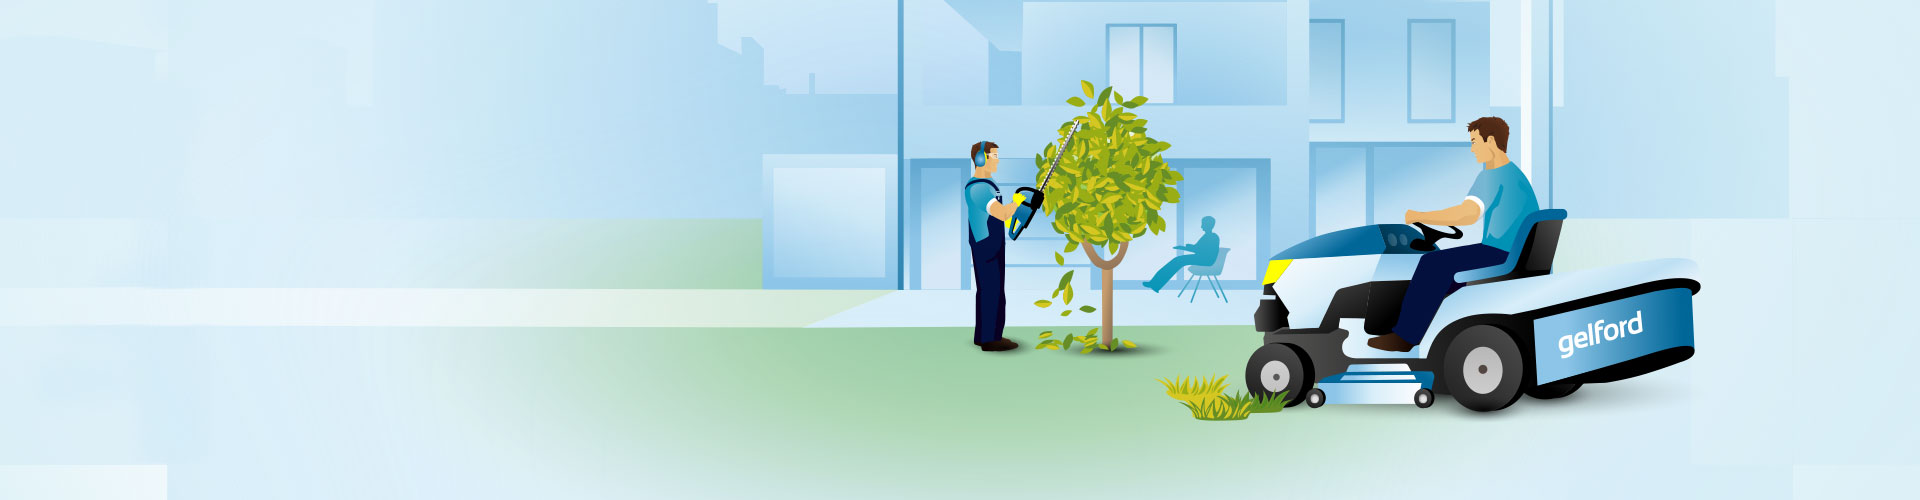 Gartenpflege & Grundstückspflege